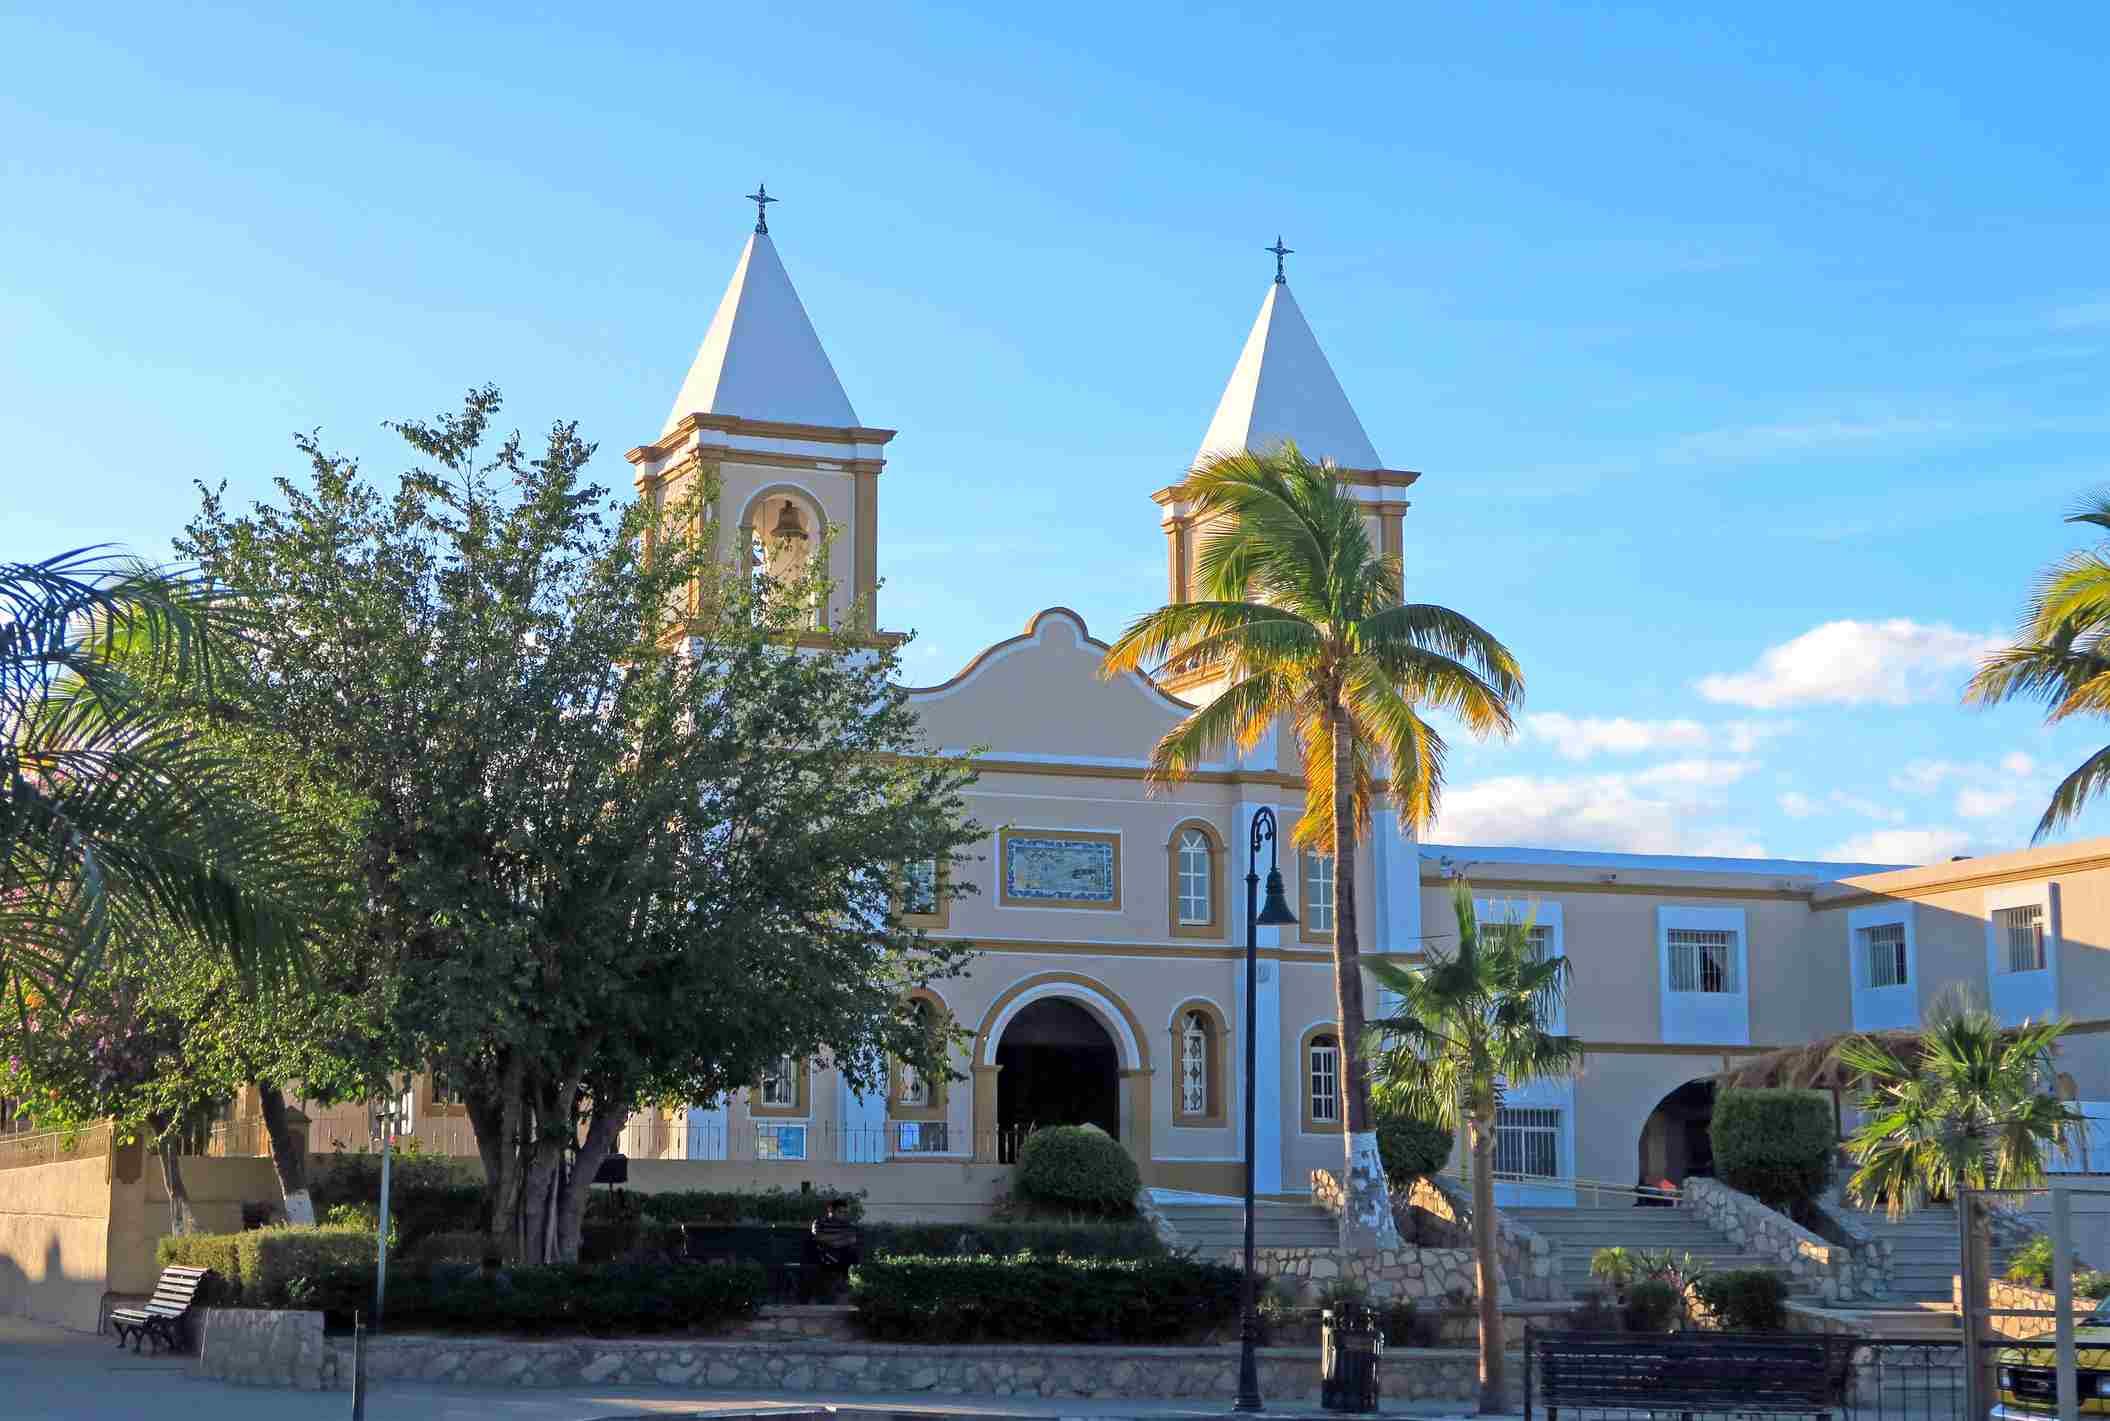 Parish Church and Mission in San Jose del Cabo